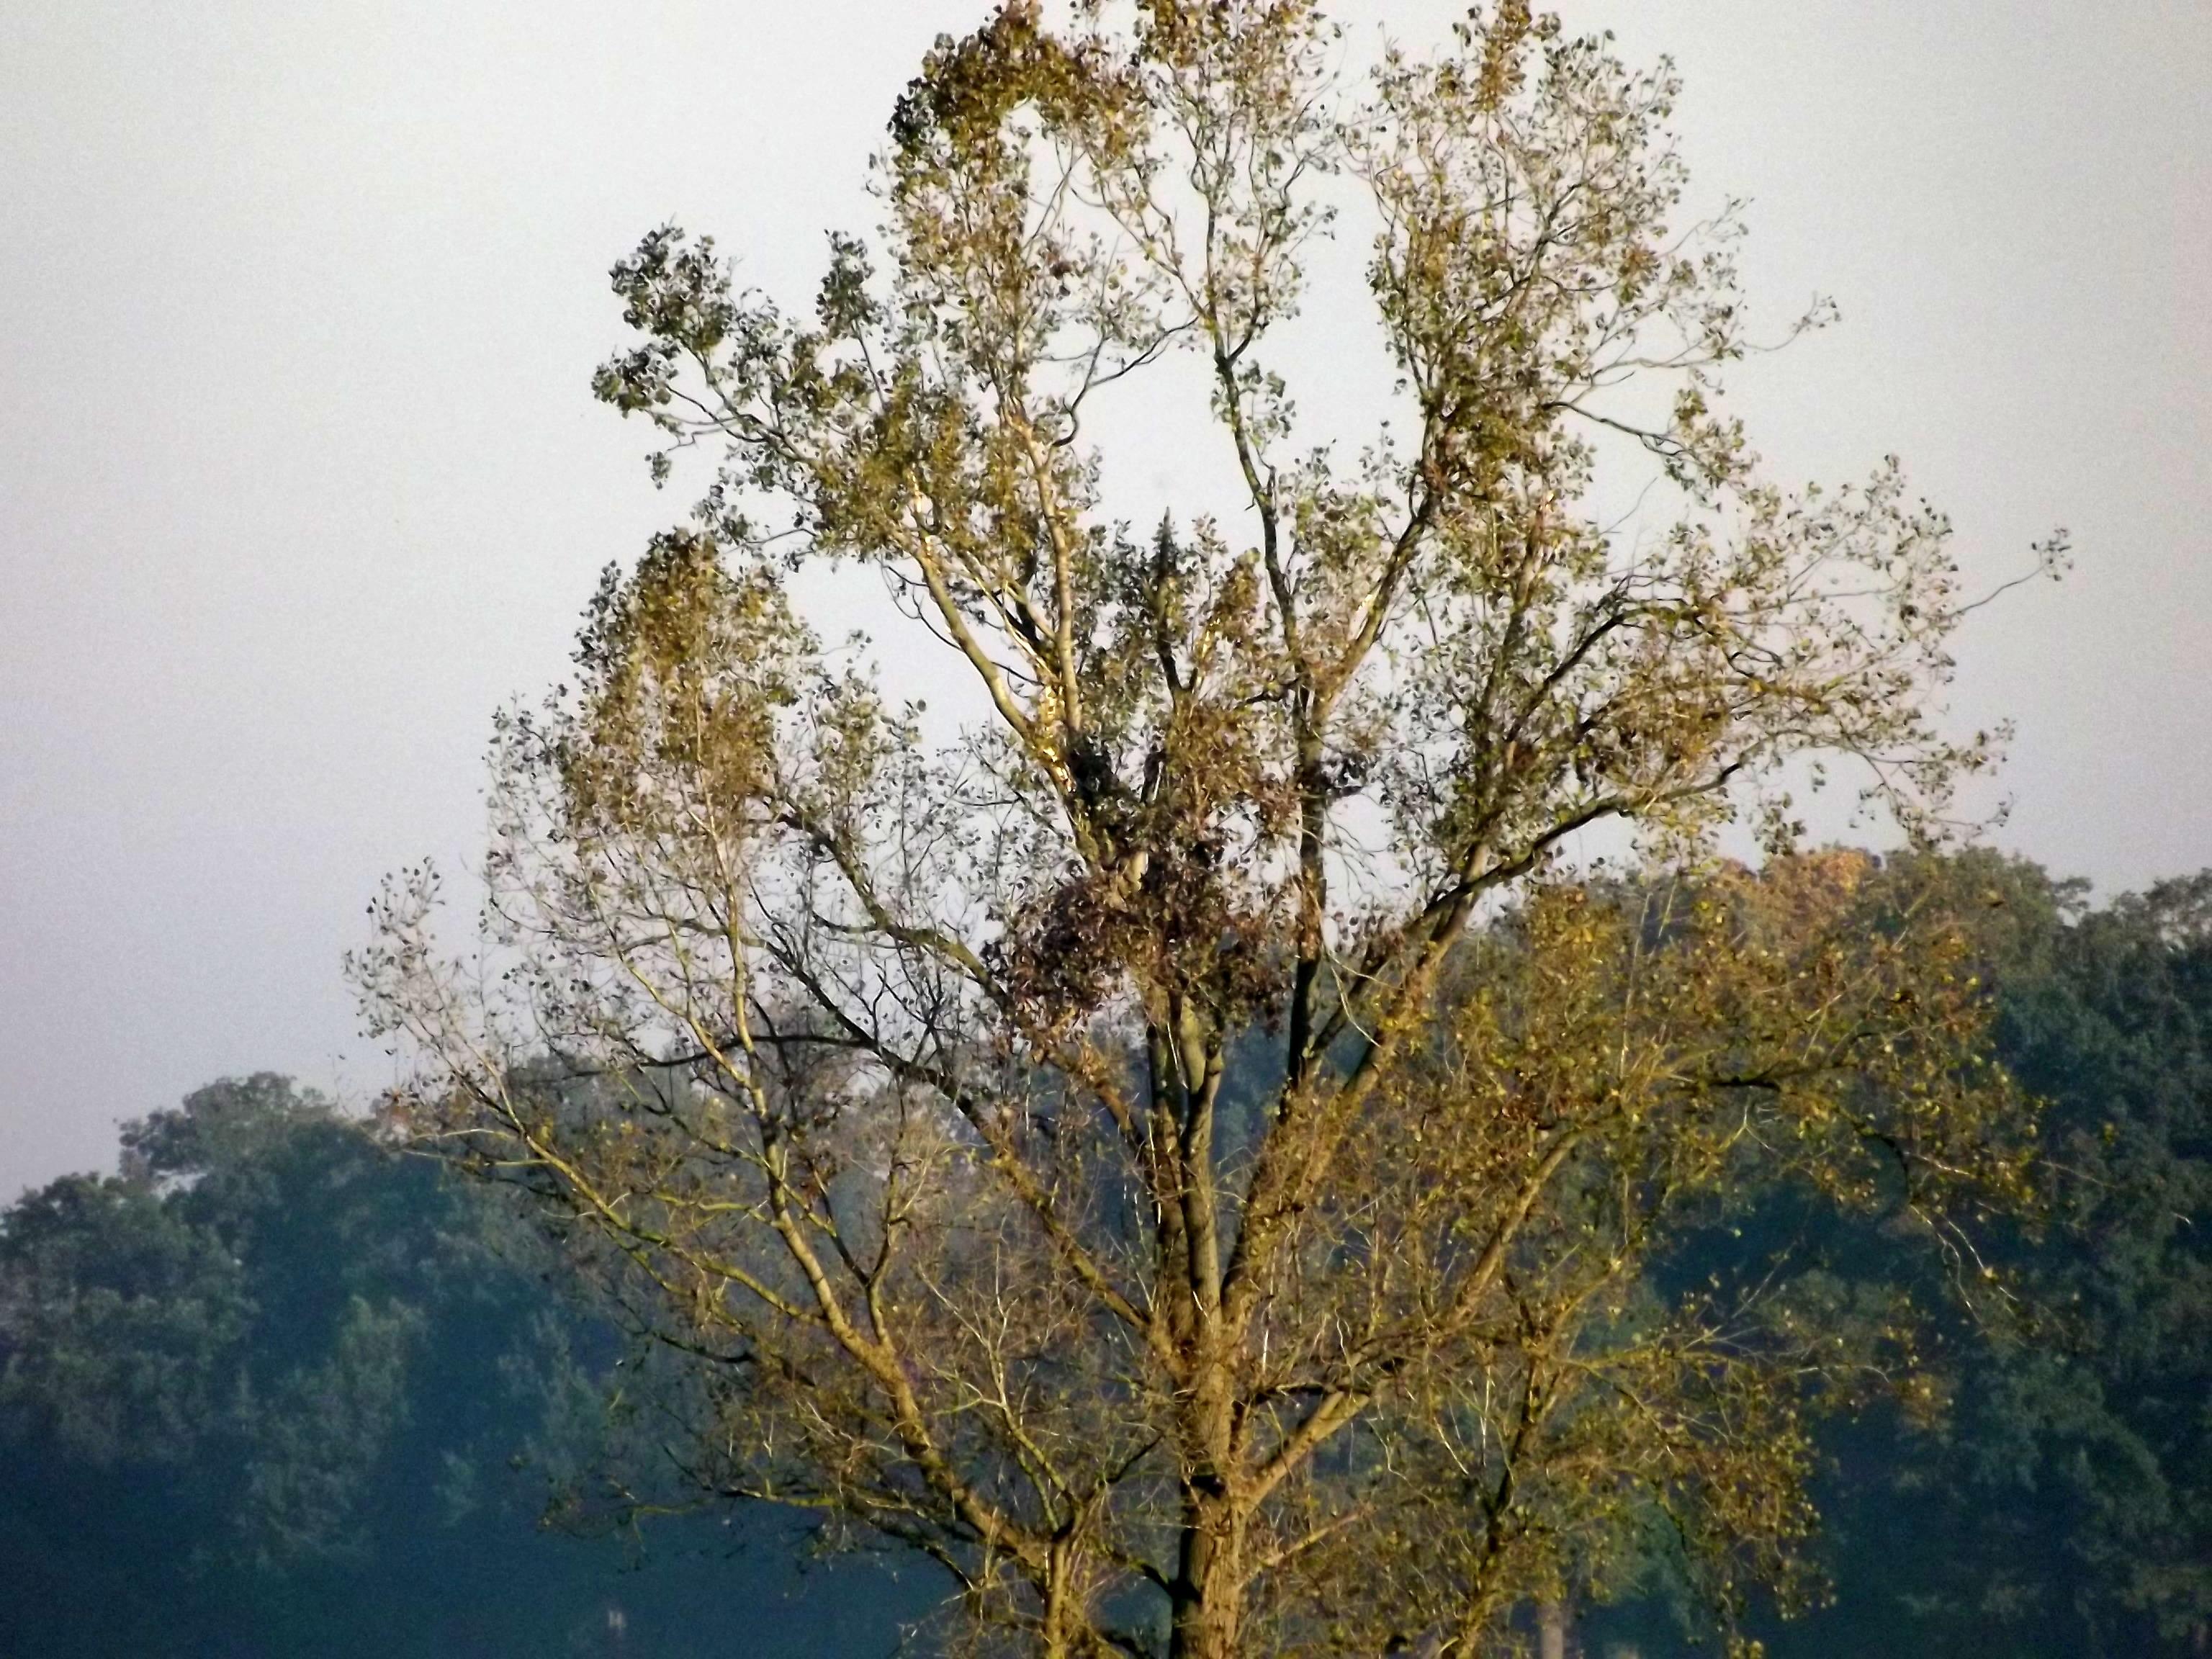 6558-herbst-feld-kahler-baum